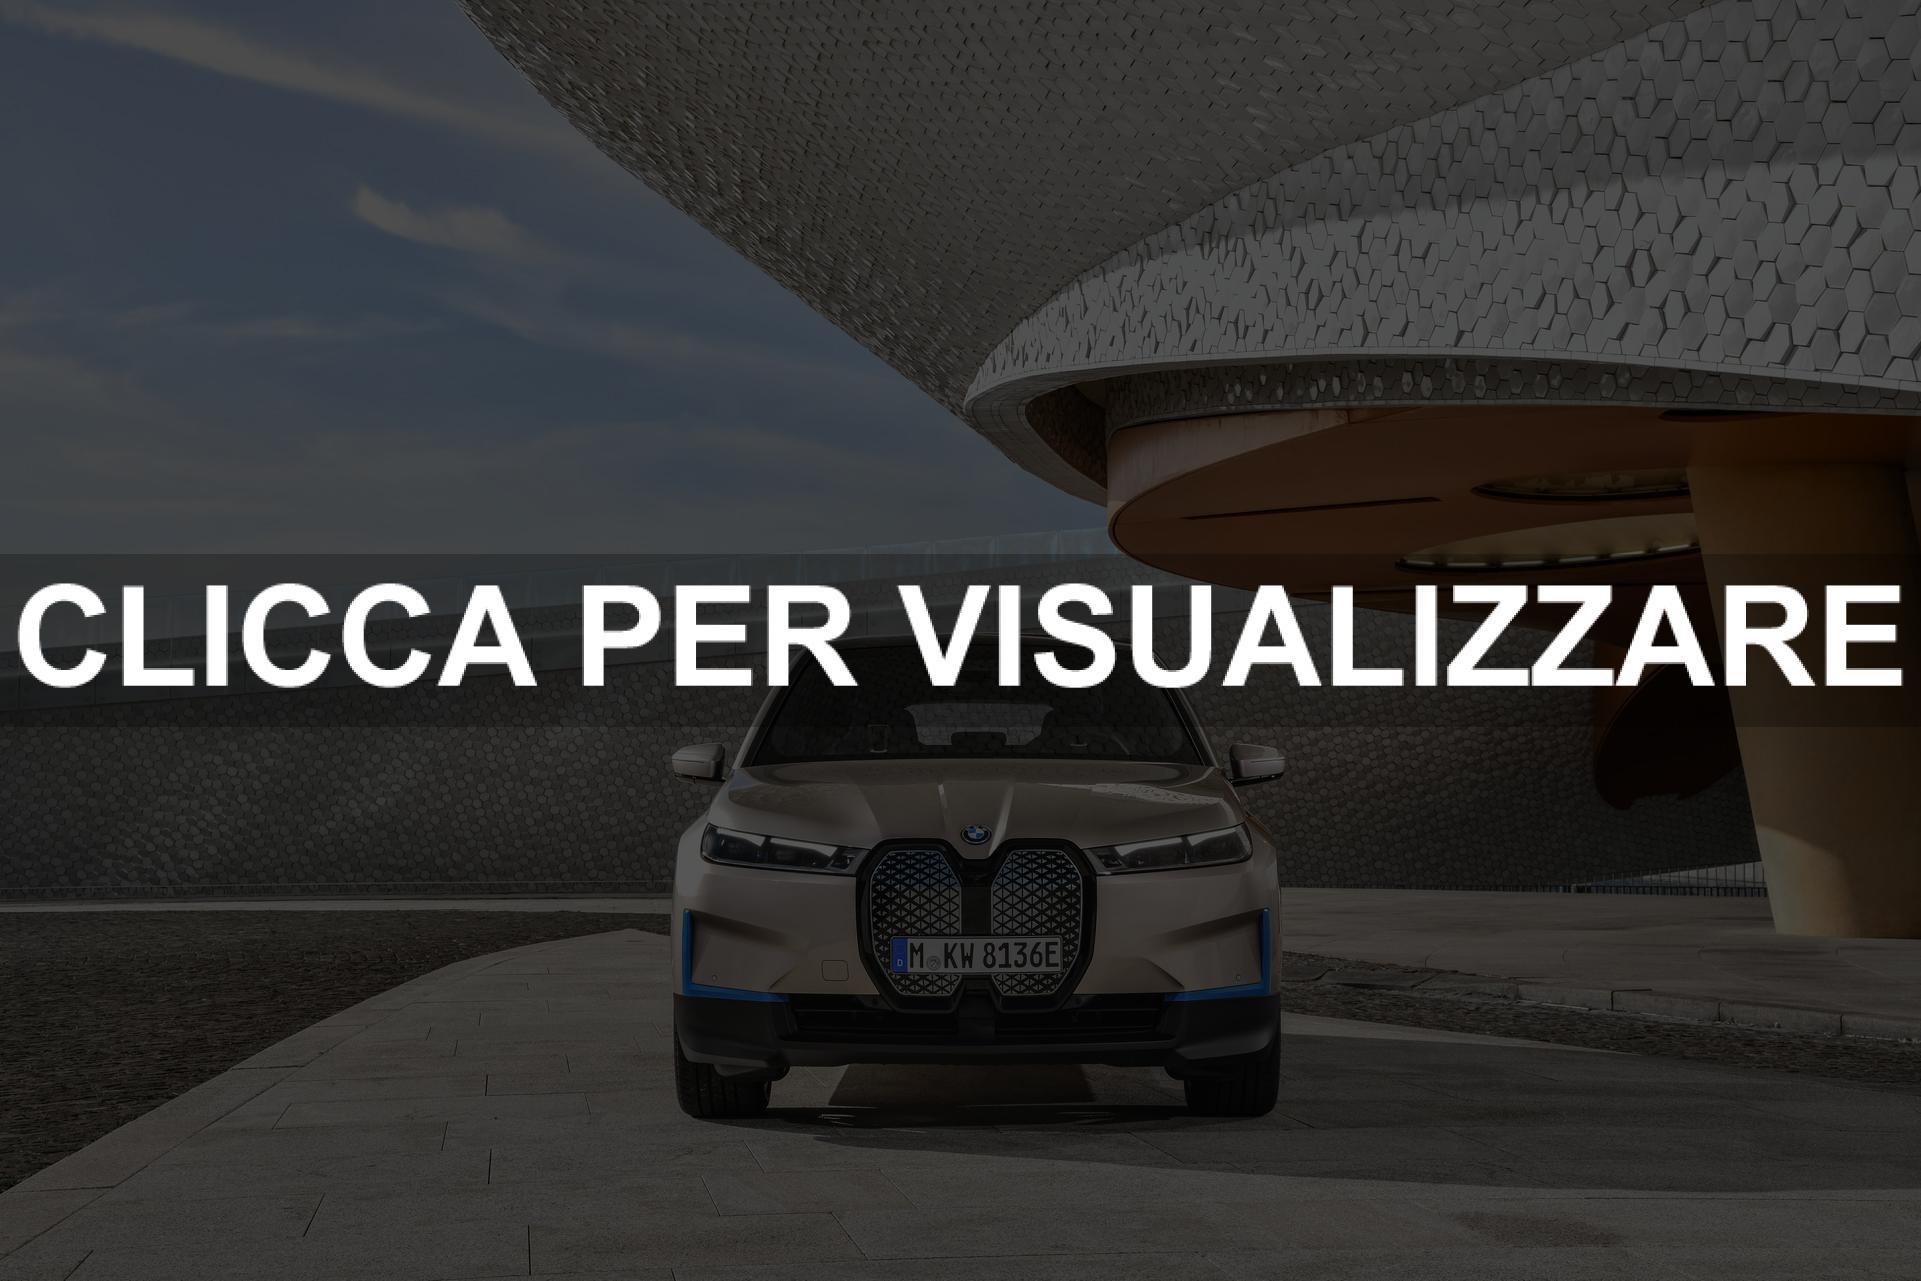 Immagine frontale nuova BMW iX elettrica 2021